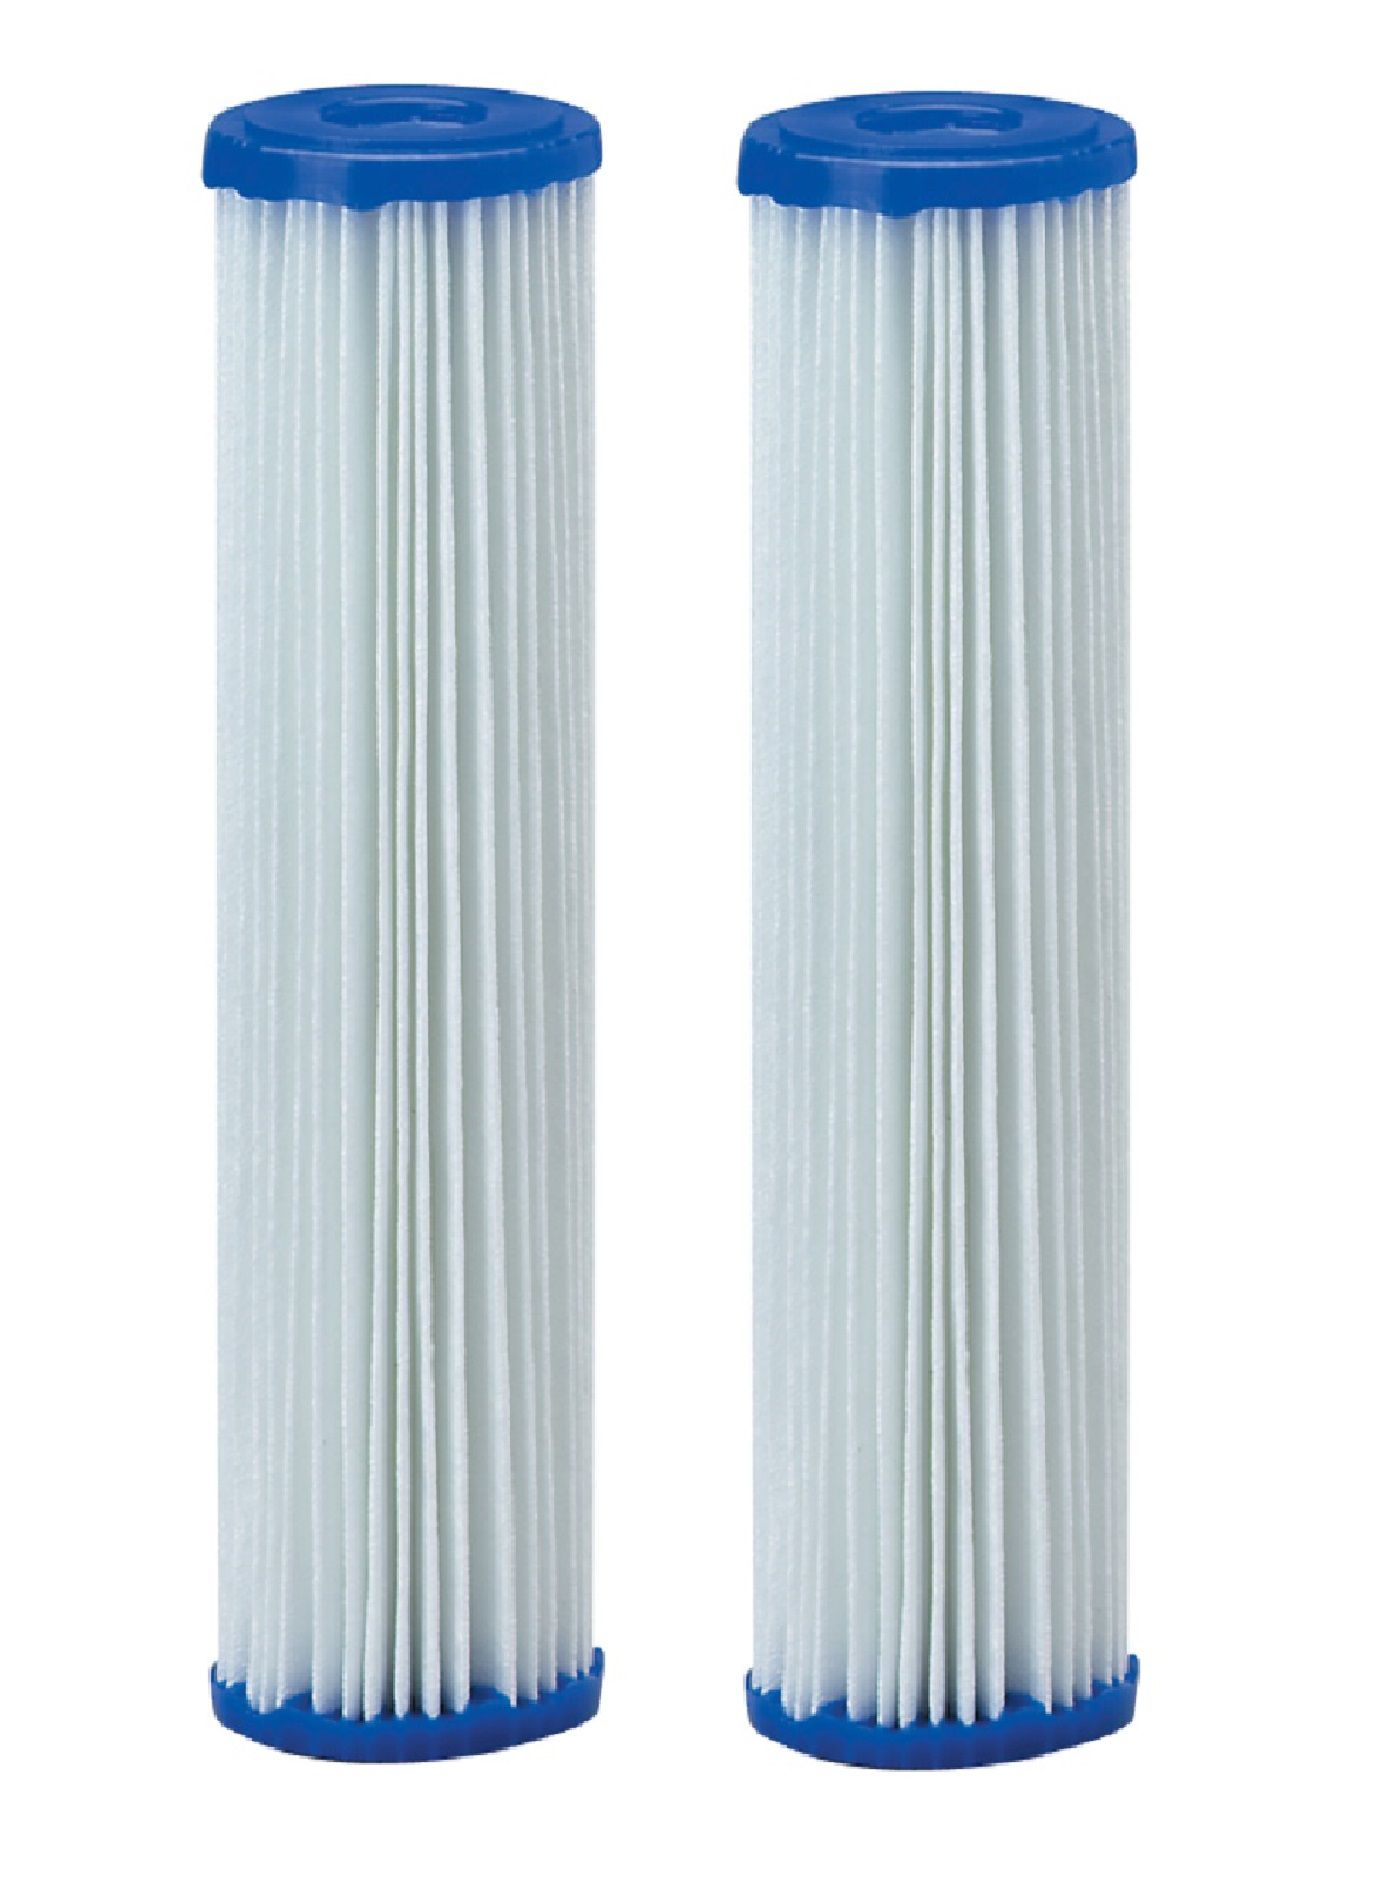 Kit Refis Filtro Duplo Entrada - 01 Elemento filtrante plissado 9.3/4 x 2.1/2 - 25M - 01 Elemento filtrante plissado 9.3/4 x 2.1/2 - 50M